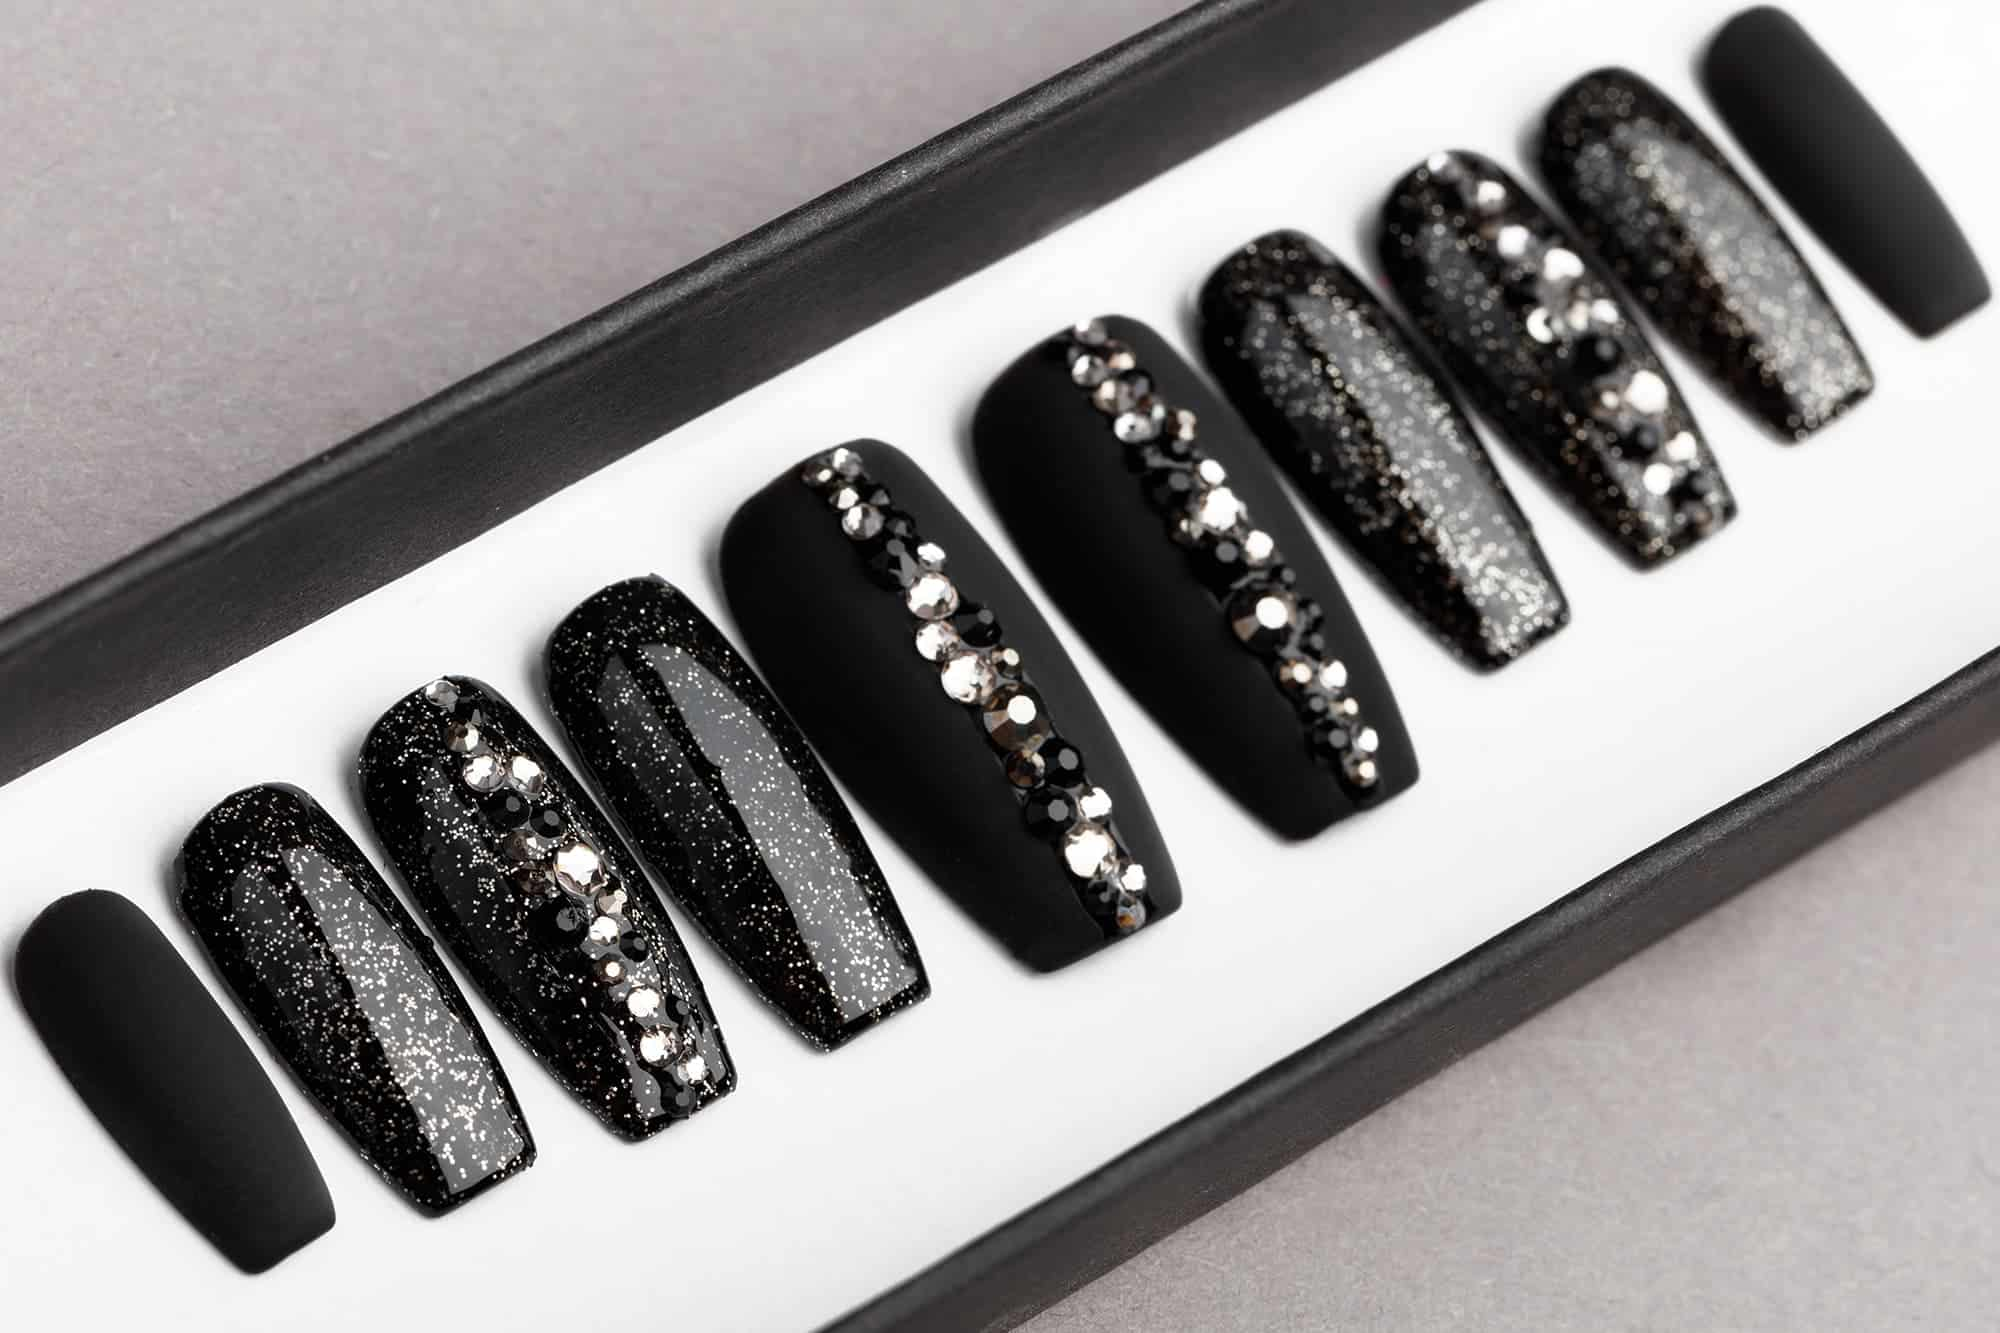 Black Abstract Press On Nails with Swarovski crystals | Hand painted Nail Art | Fake Nails | False Nails | Rhinestones